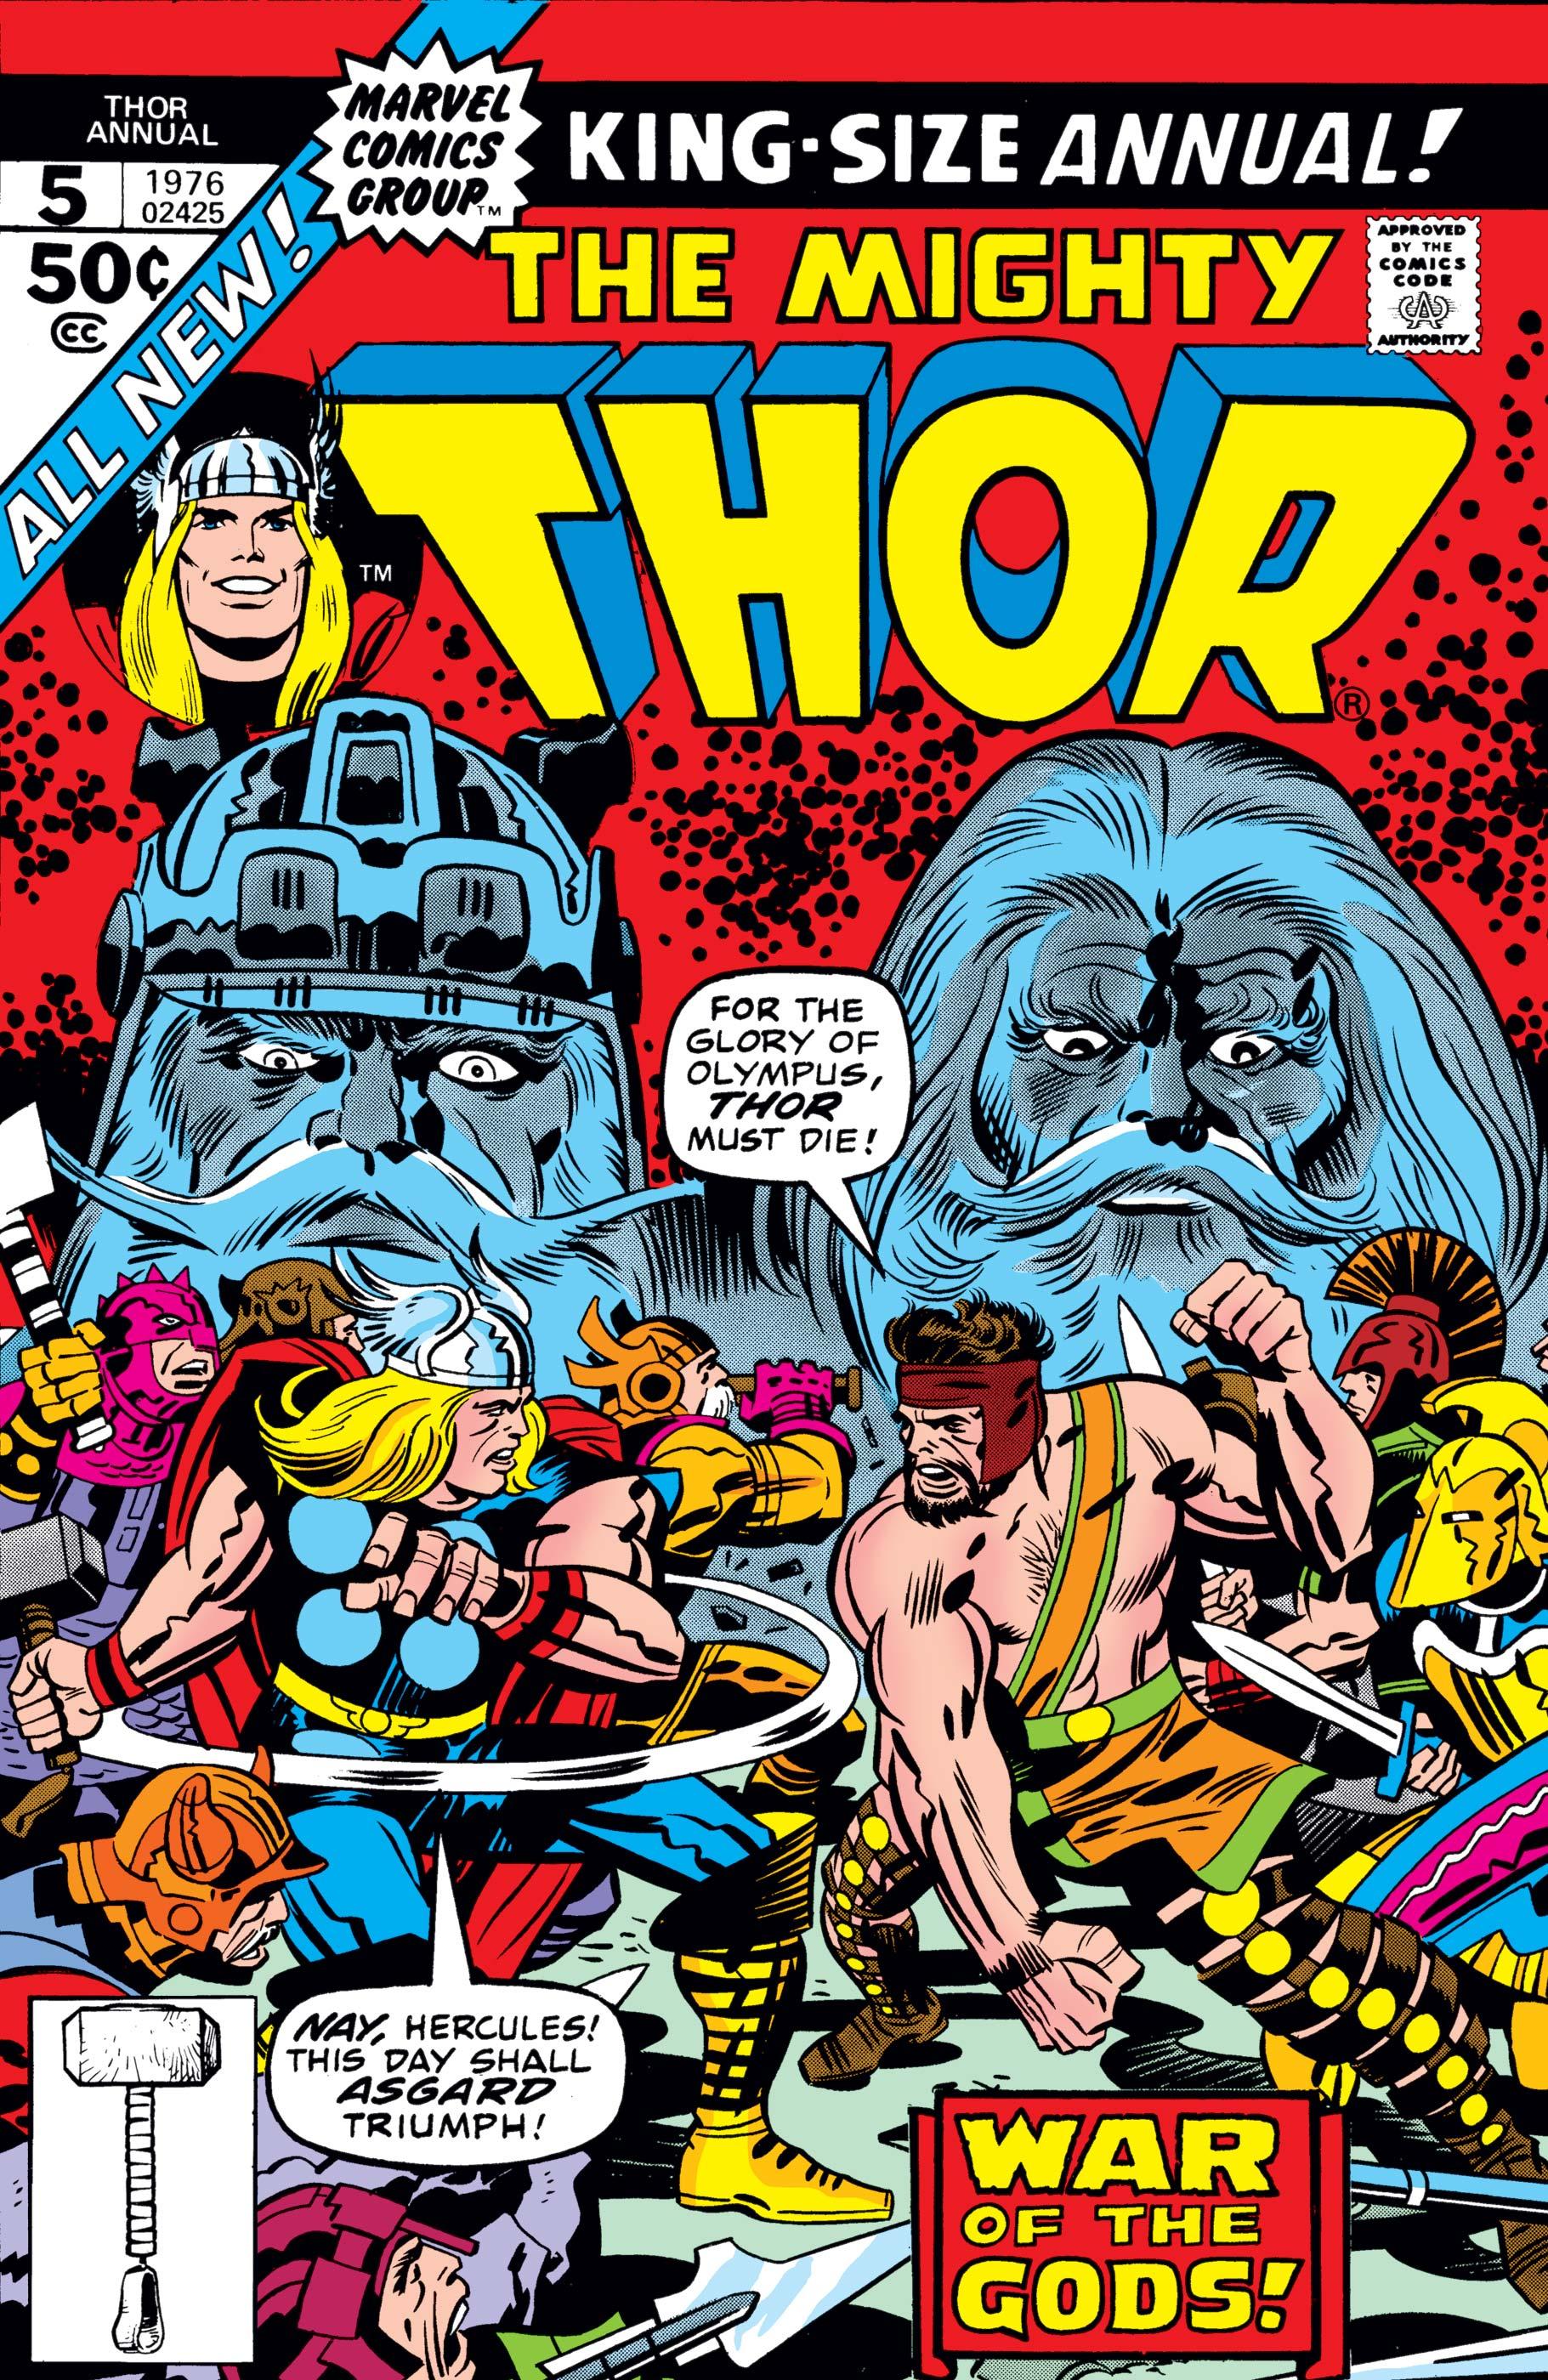 Thor Annual (1966) #5